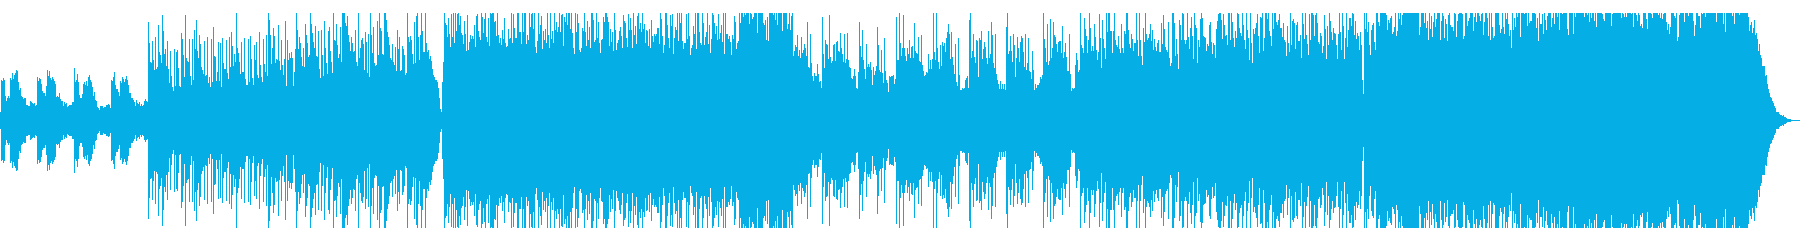 90年代ギターポップ風の疾走感あるロックの再生済みの波形